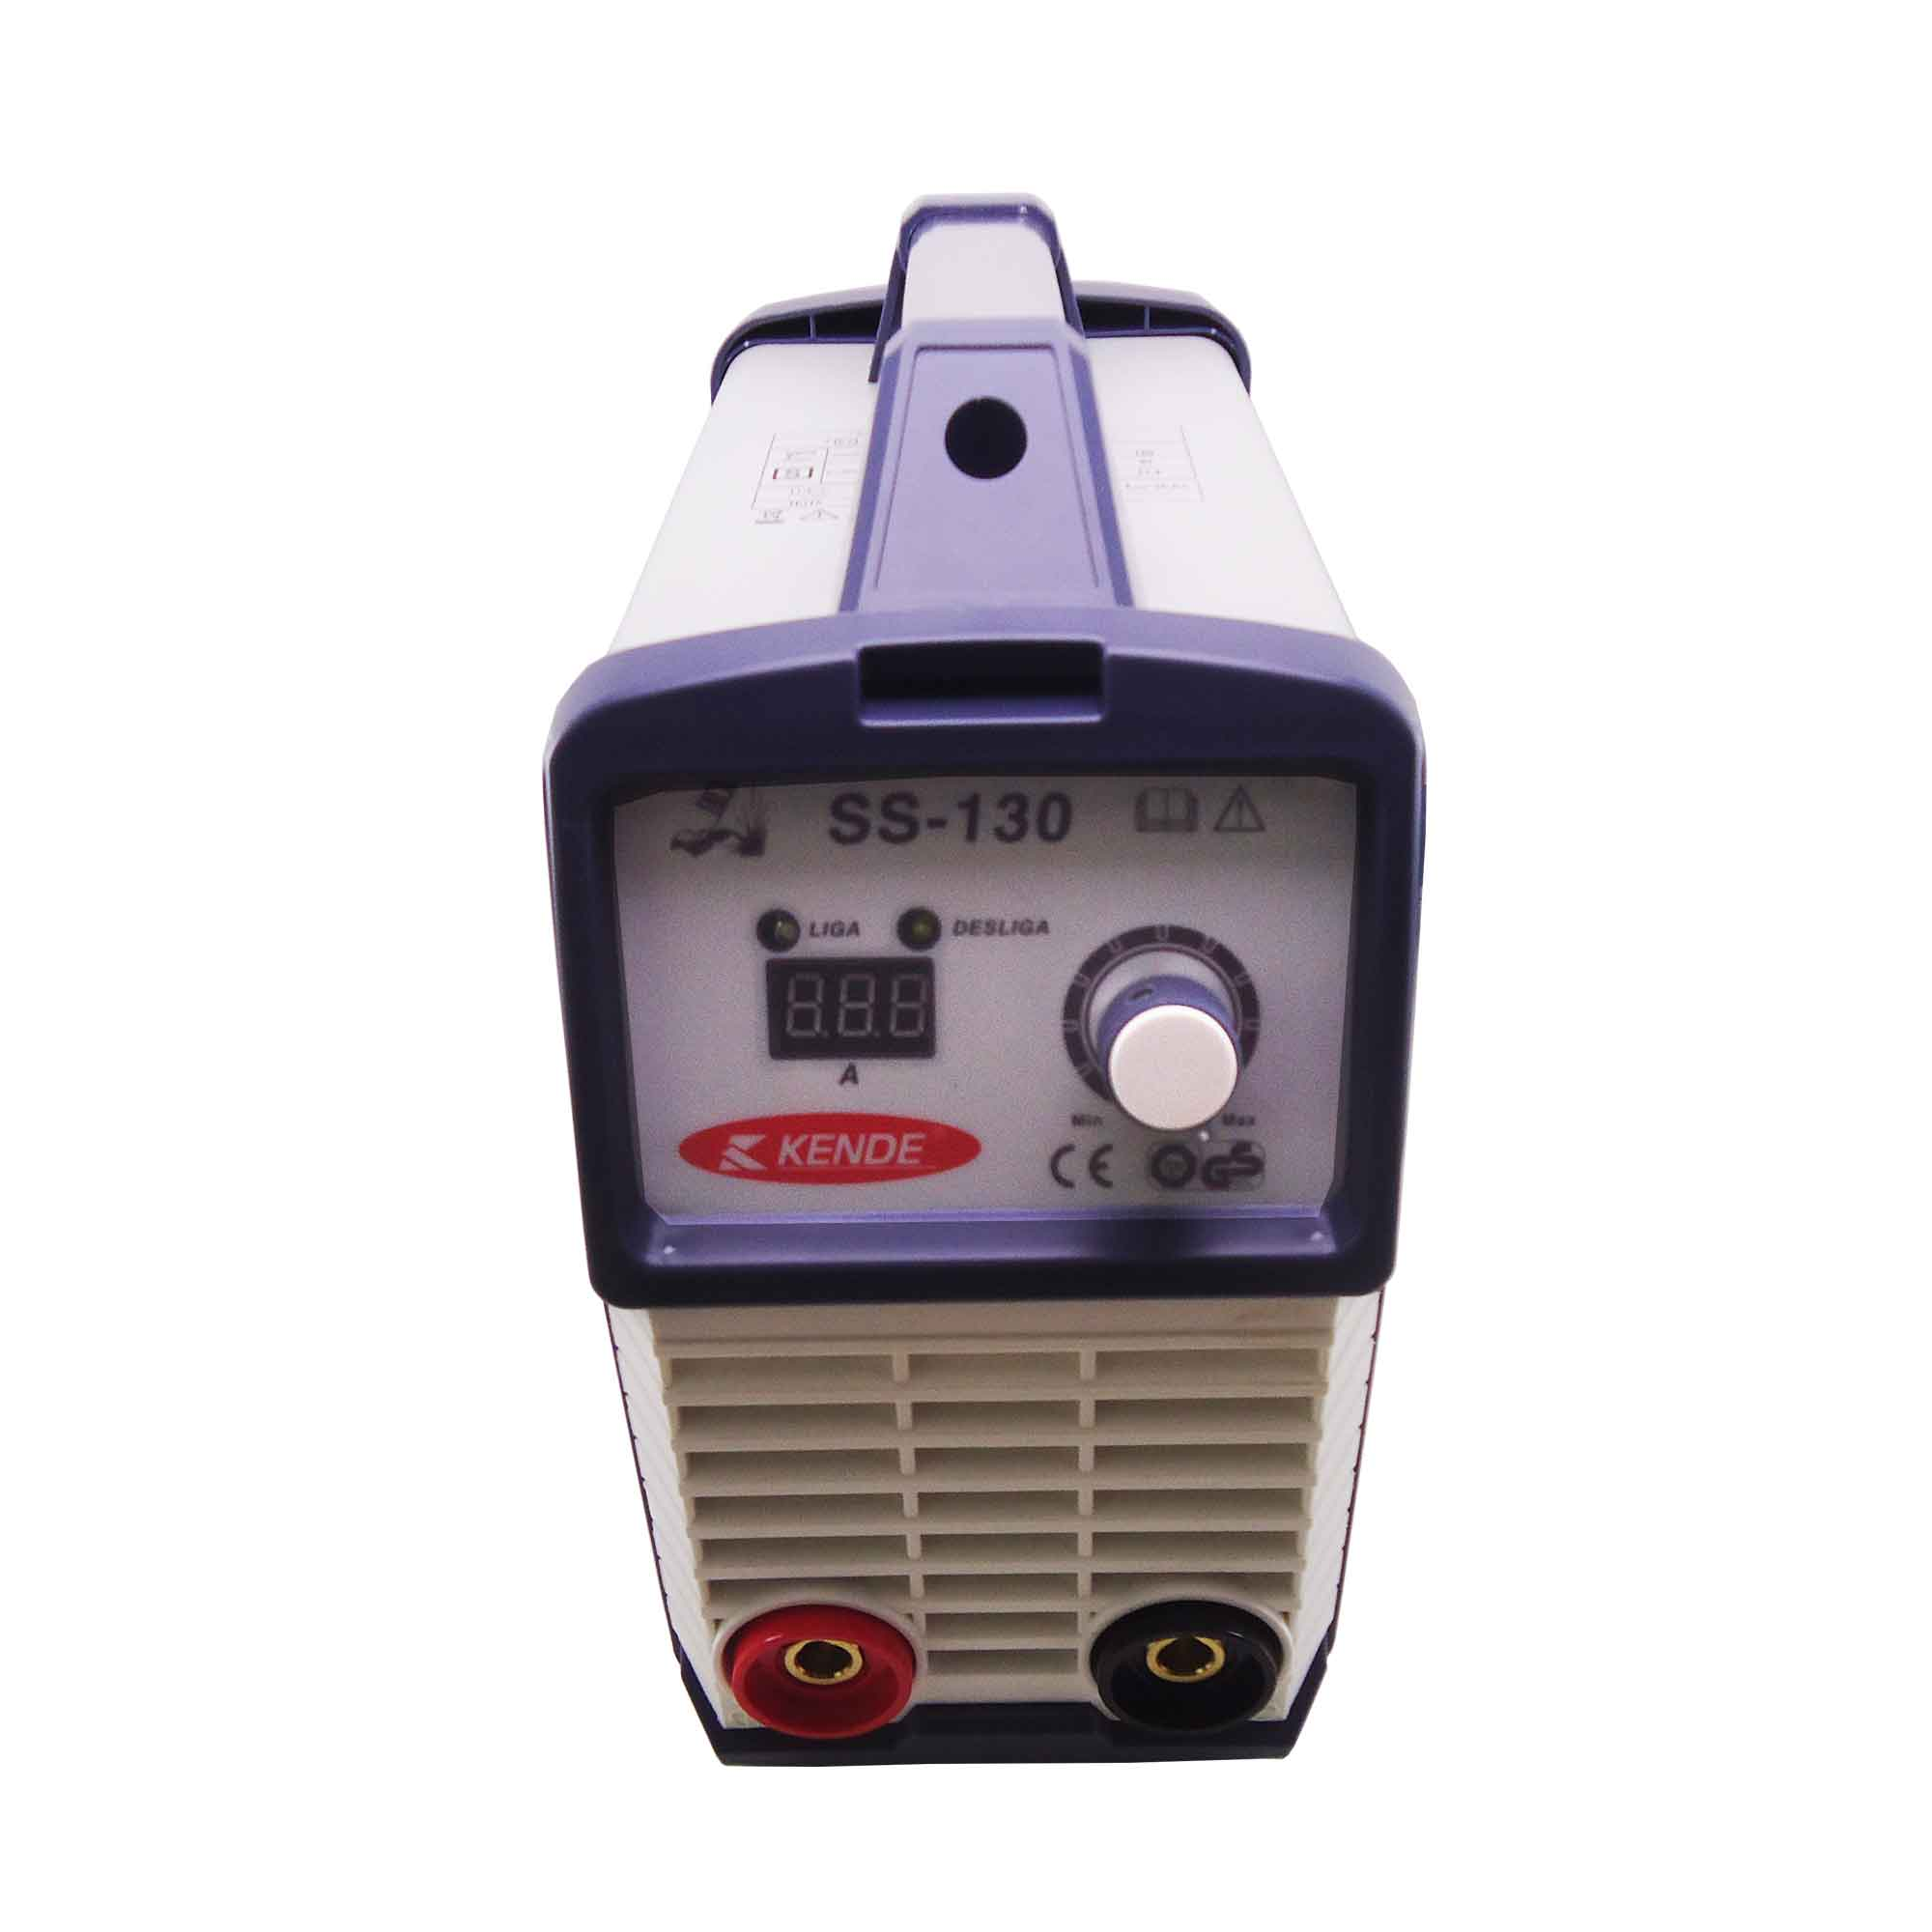 Maquina De Solda Inversora Ss-130 Kende 110v